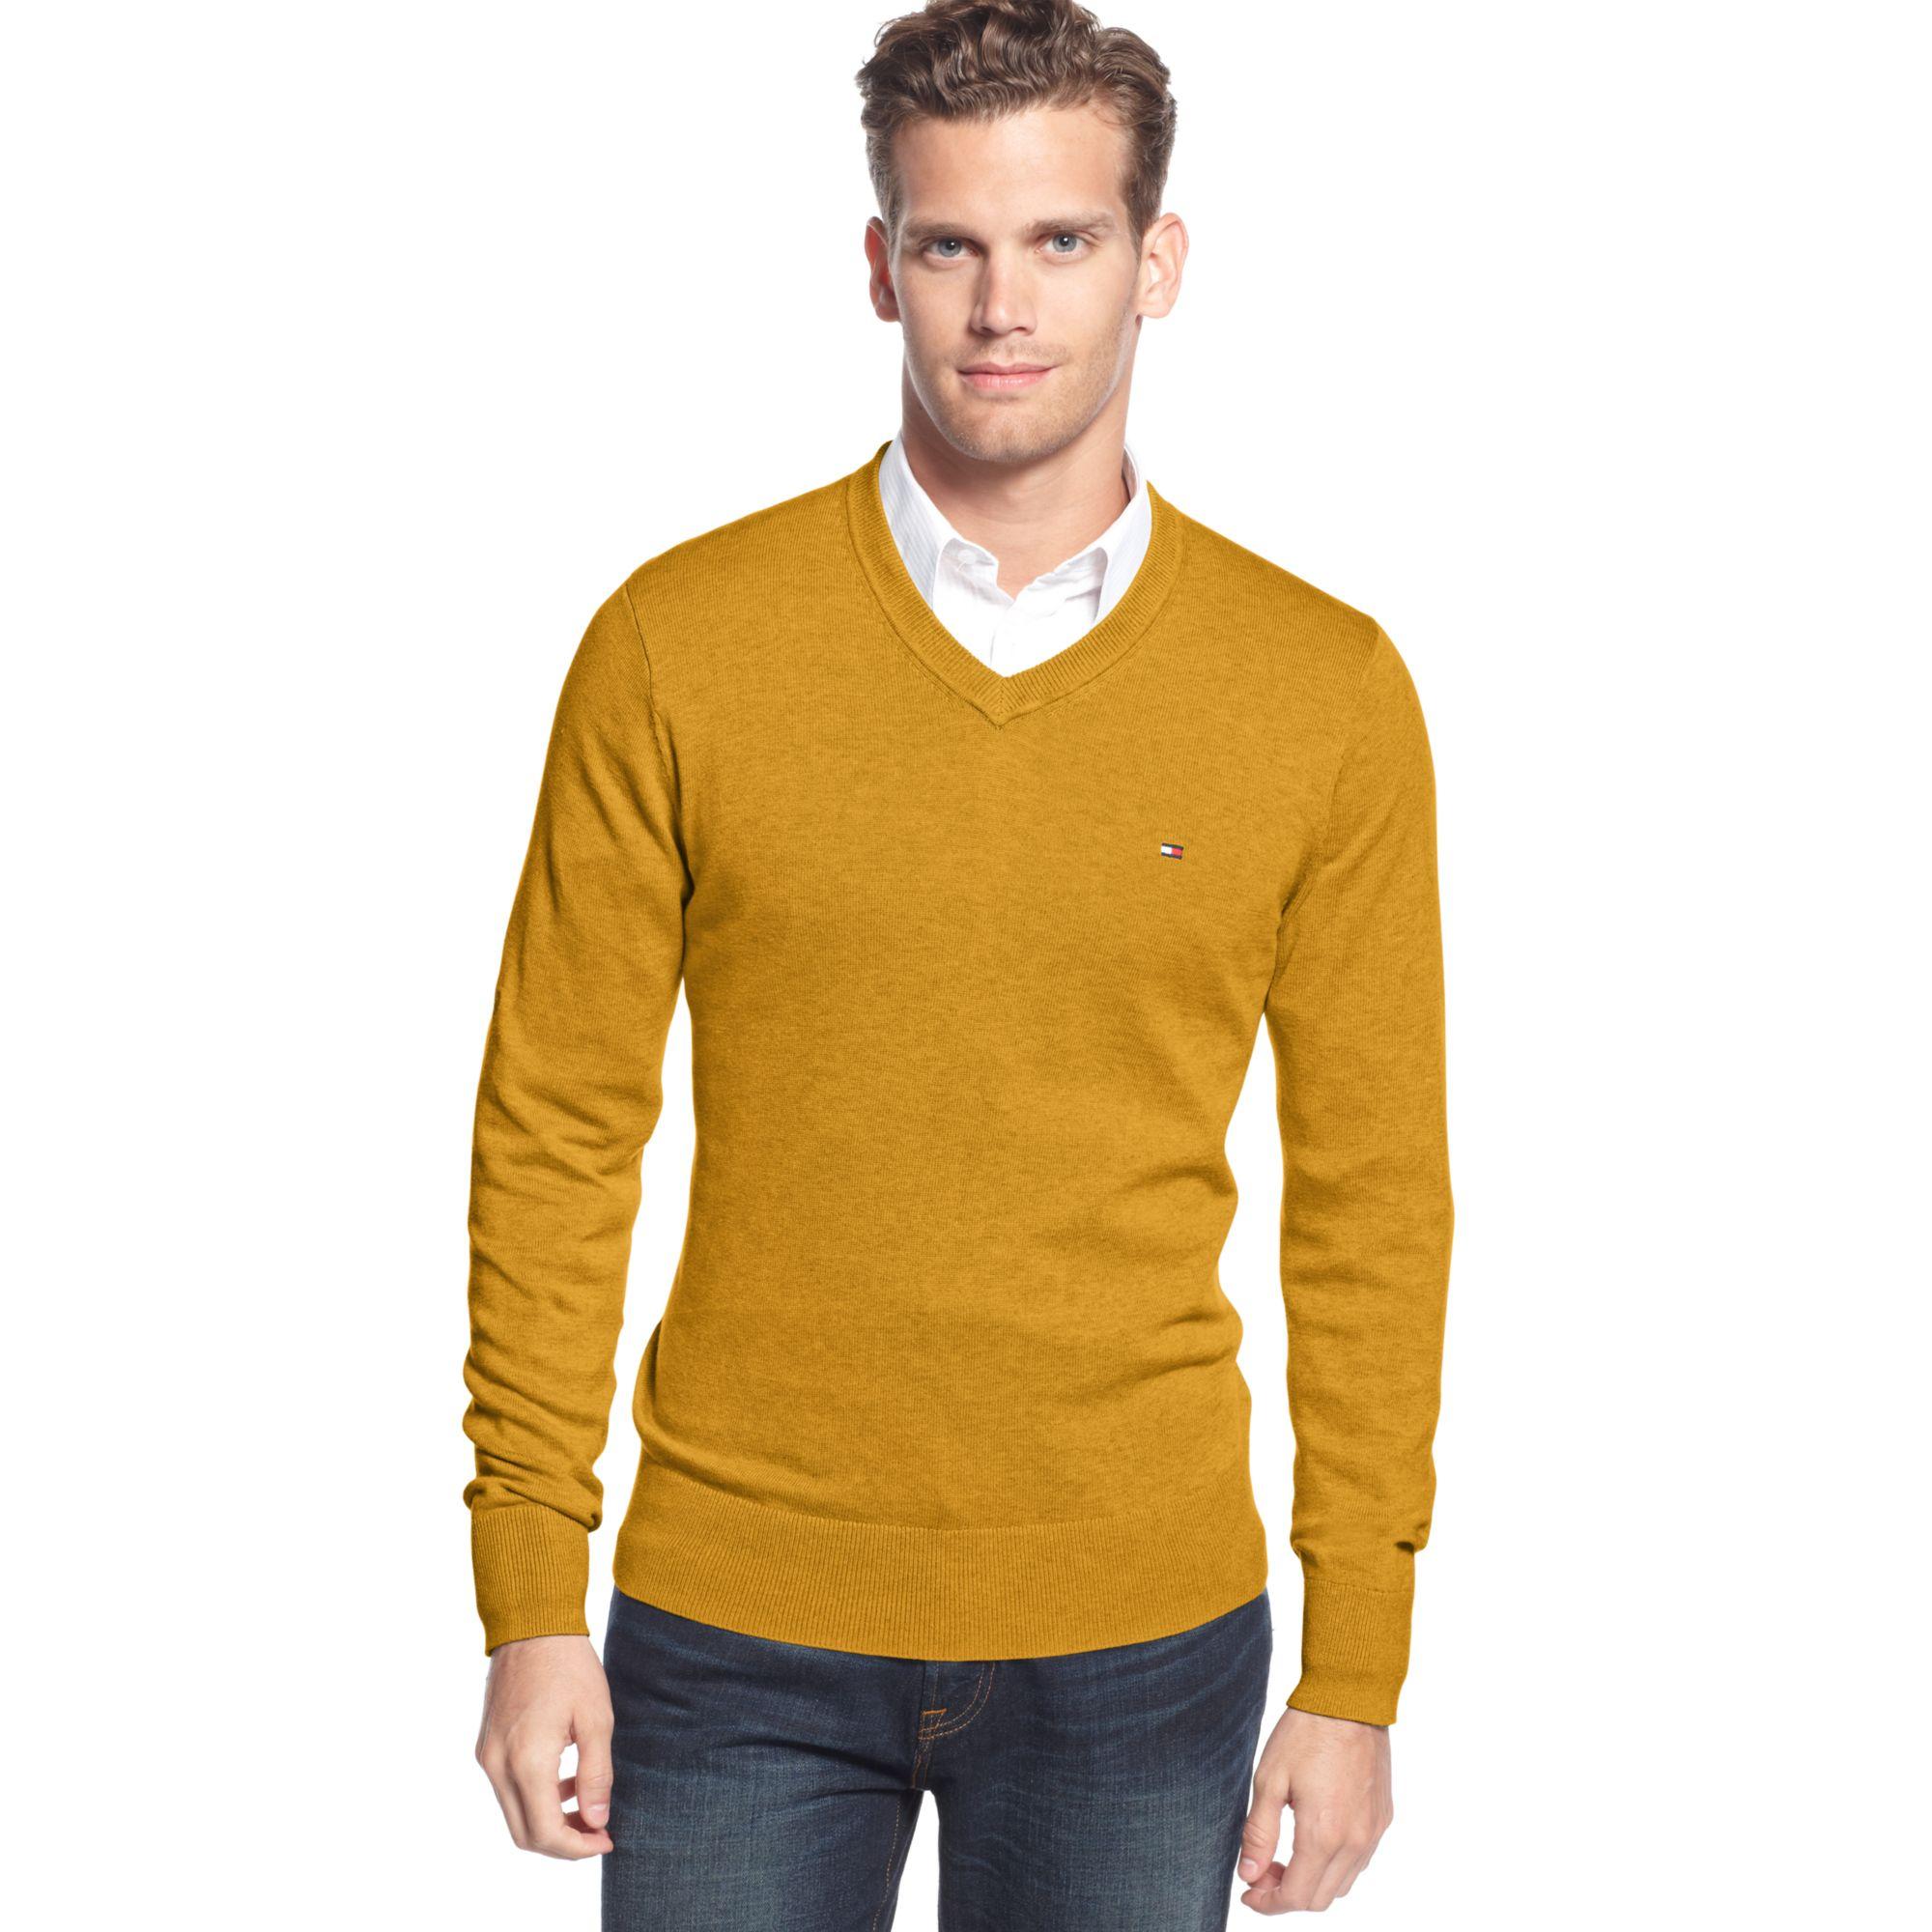 tommy hilfiger signature solid v neck sweater in orange. Black Bedroom Furniture Sets. Home Design Ideas